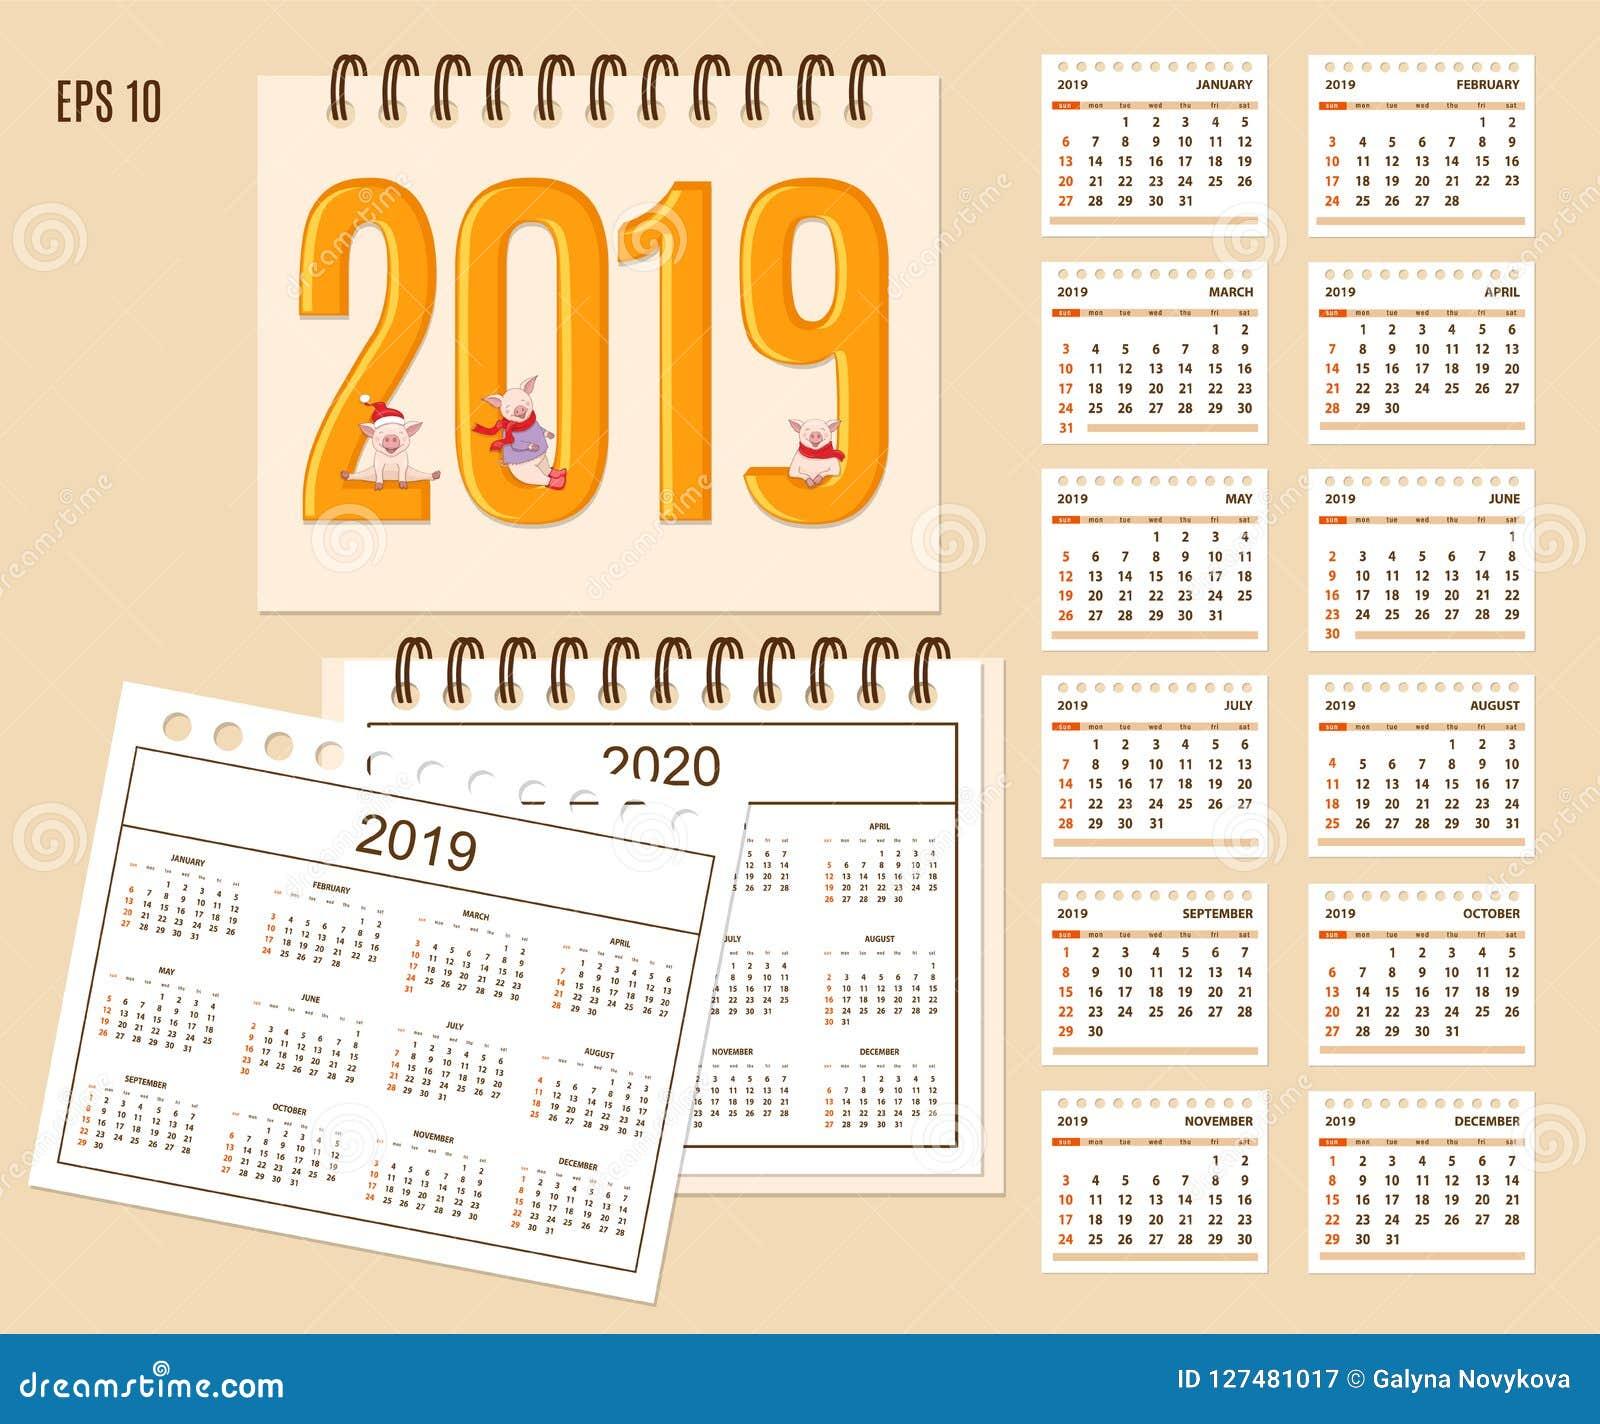 Calendario Da Scrivania 2020.Anno Civile Di Calendario Da Scrivania A Spirale 2019 2020